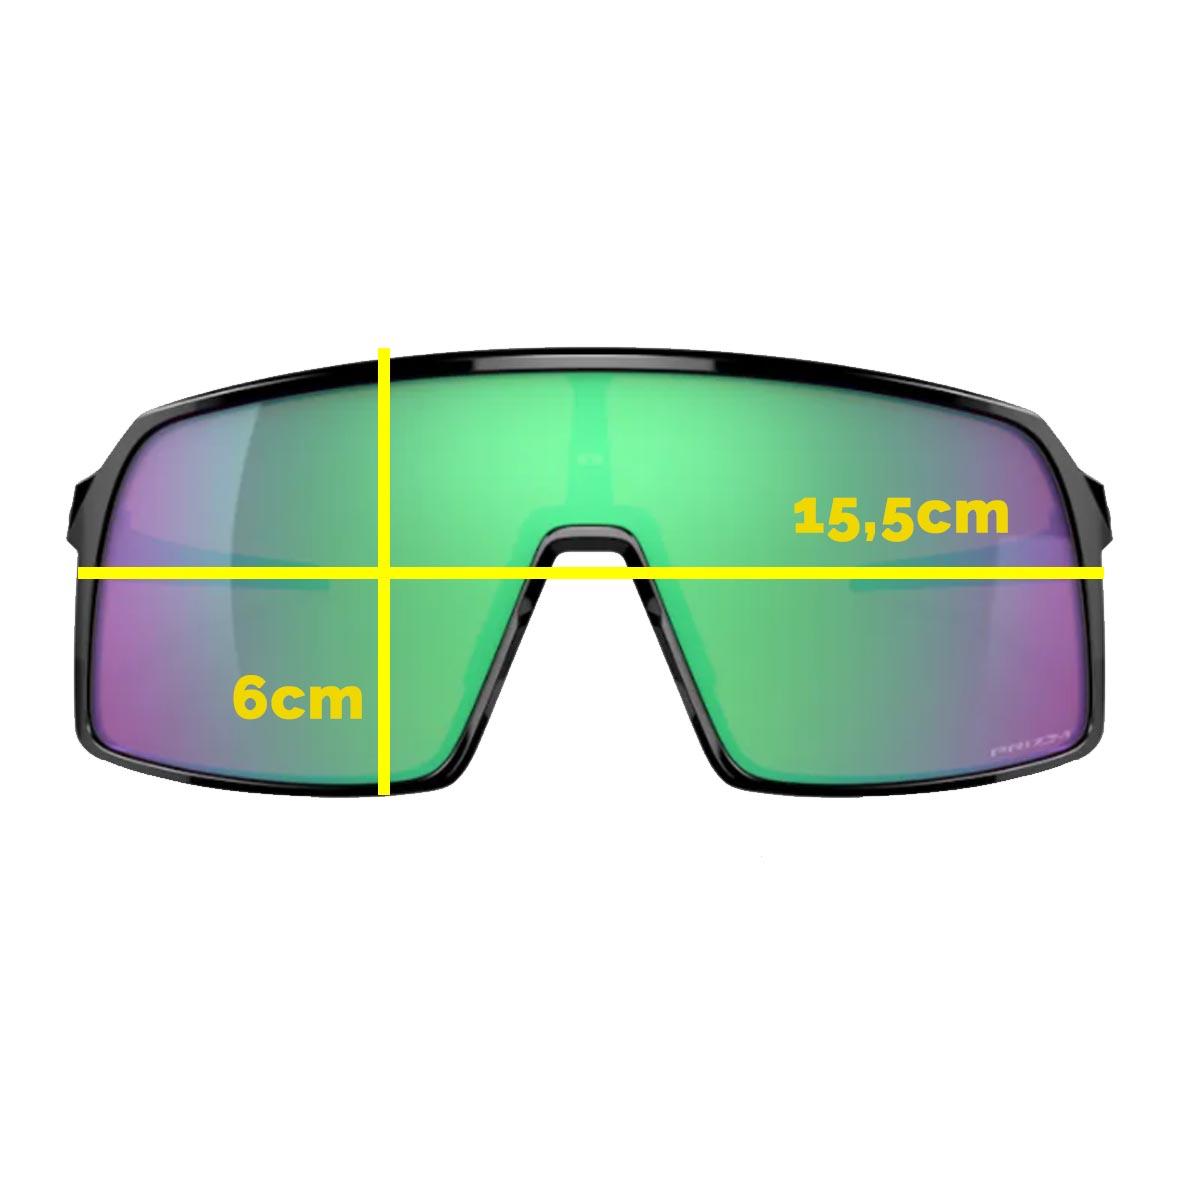 Oculos Para Ciclismo Oakley Sutro Preto com Lente Prizm Road Jade Espelhada Verde